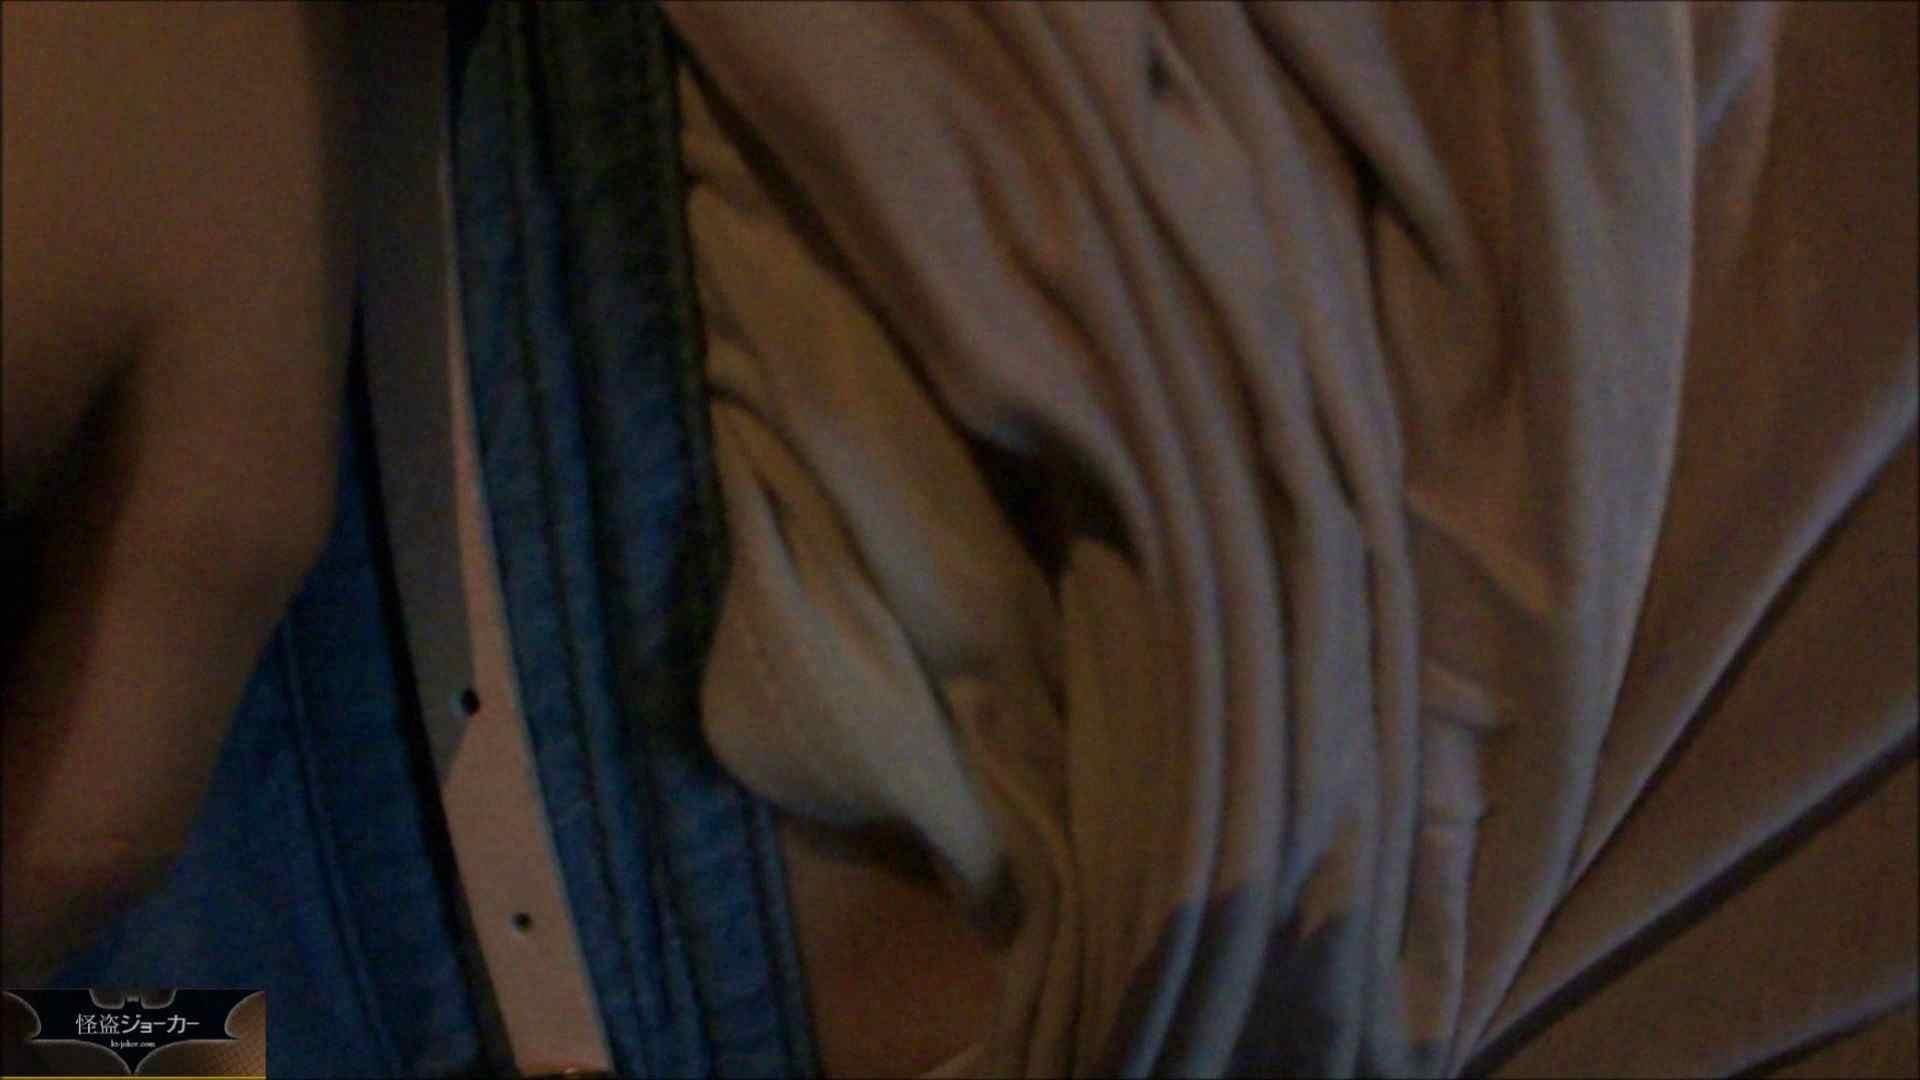 vol.2【白衣の天使・23歳】☆のりこちゃん☆カラオケで酔い潰して!! エッチなOL   リアルマンコ  104枚 40